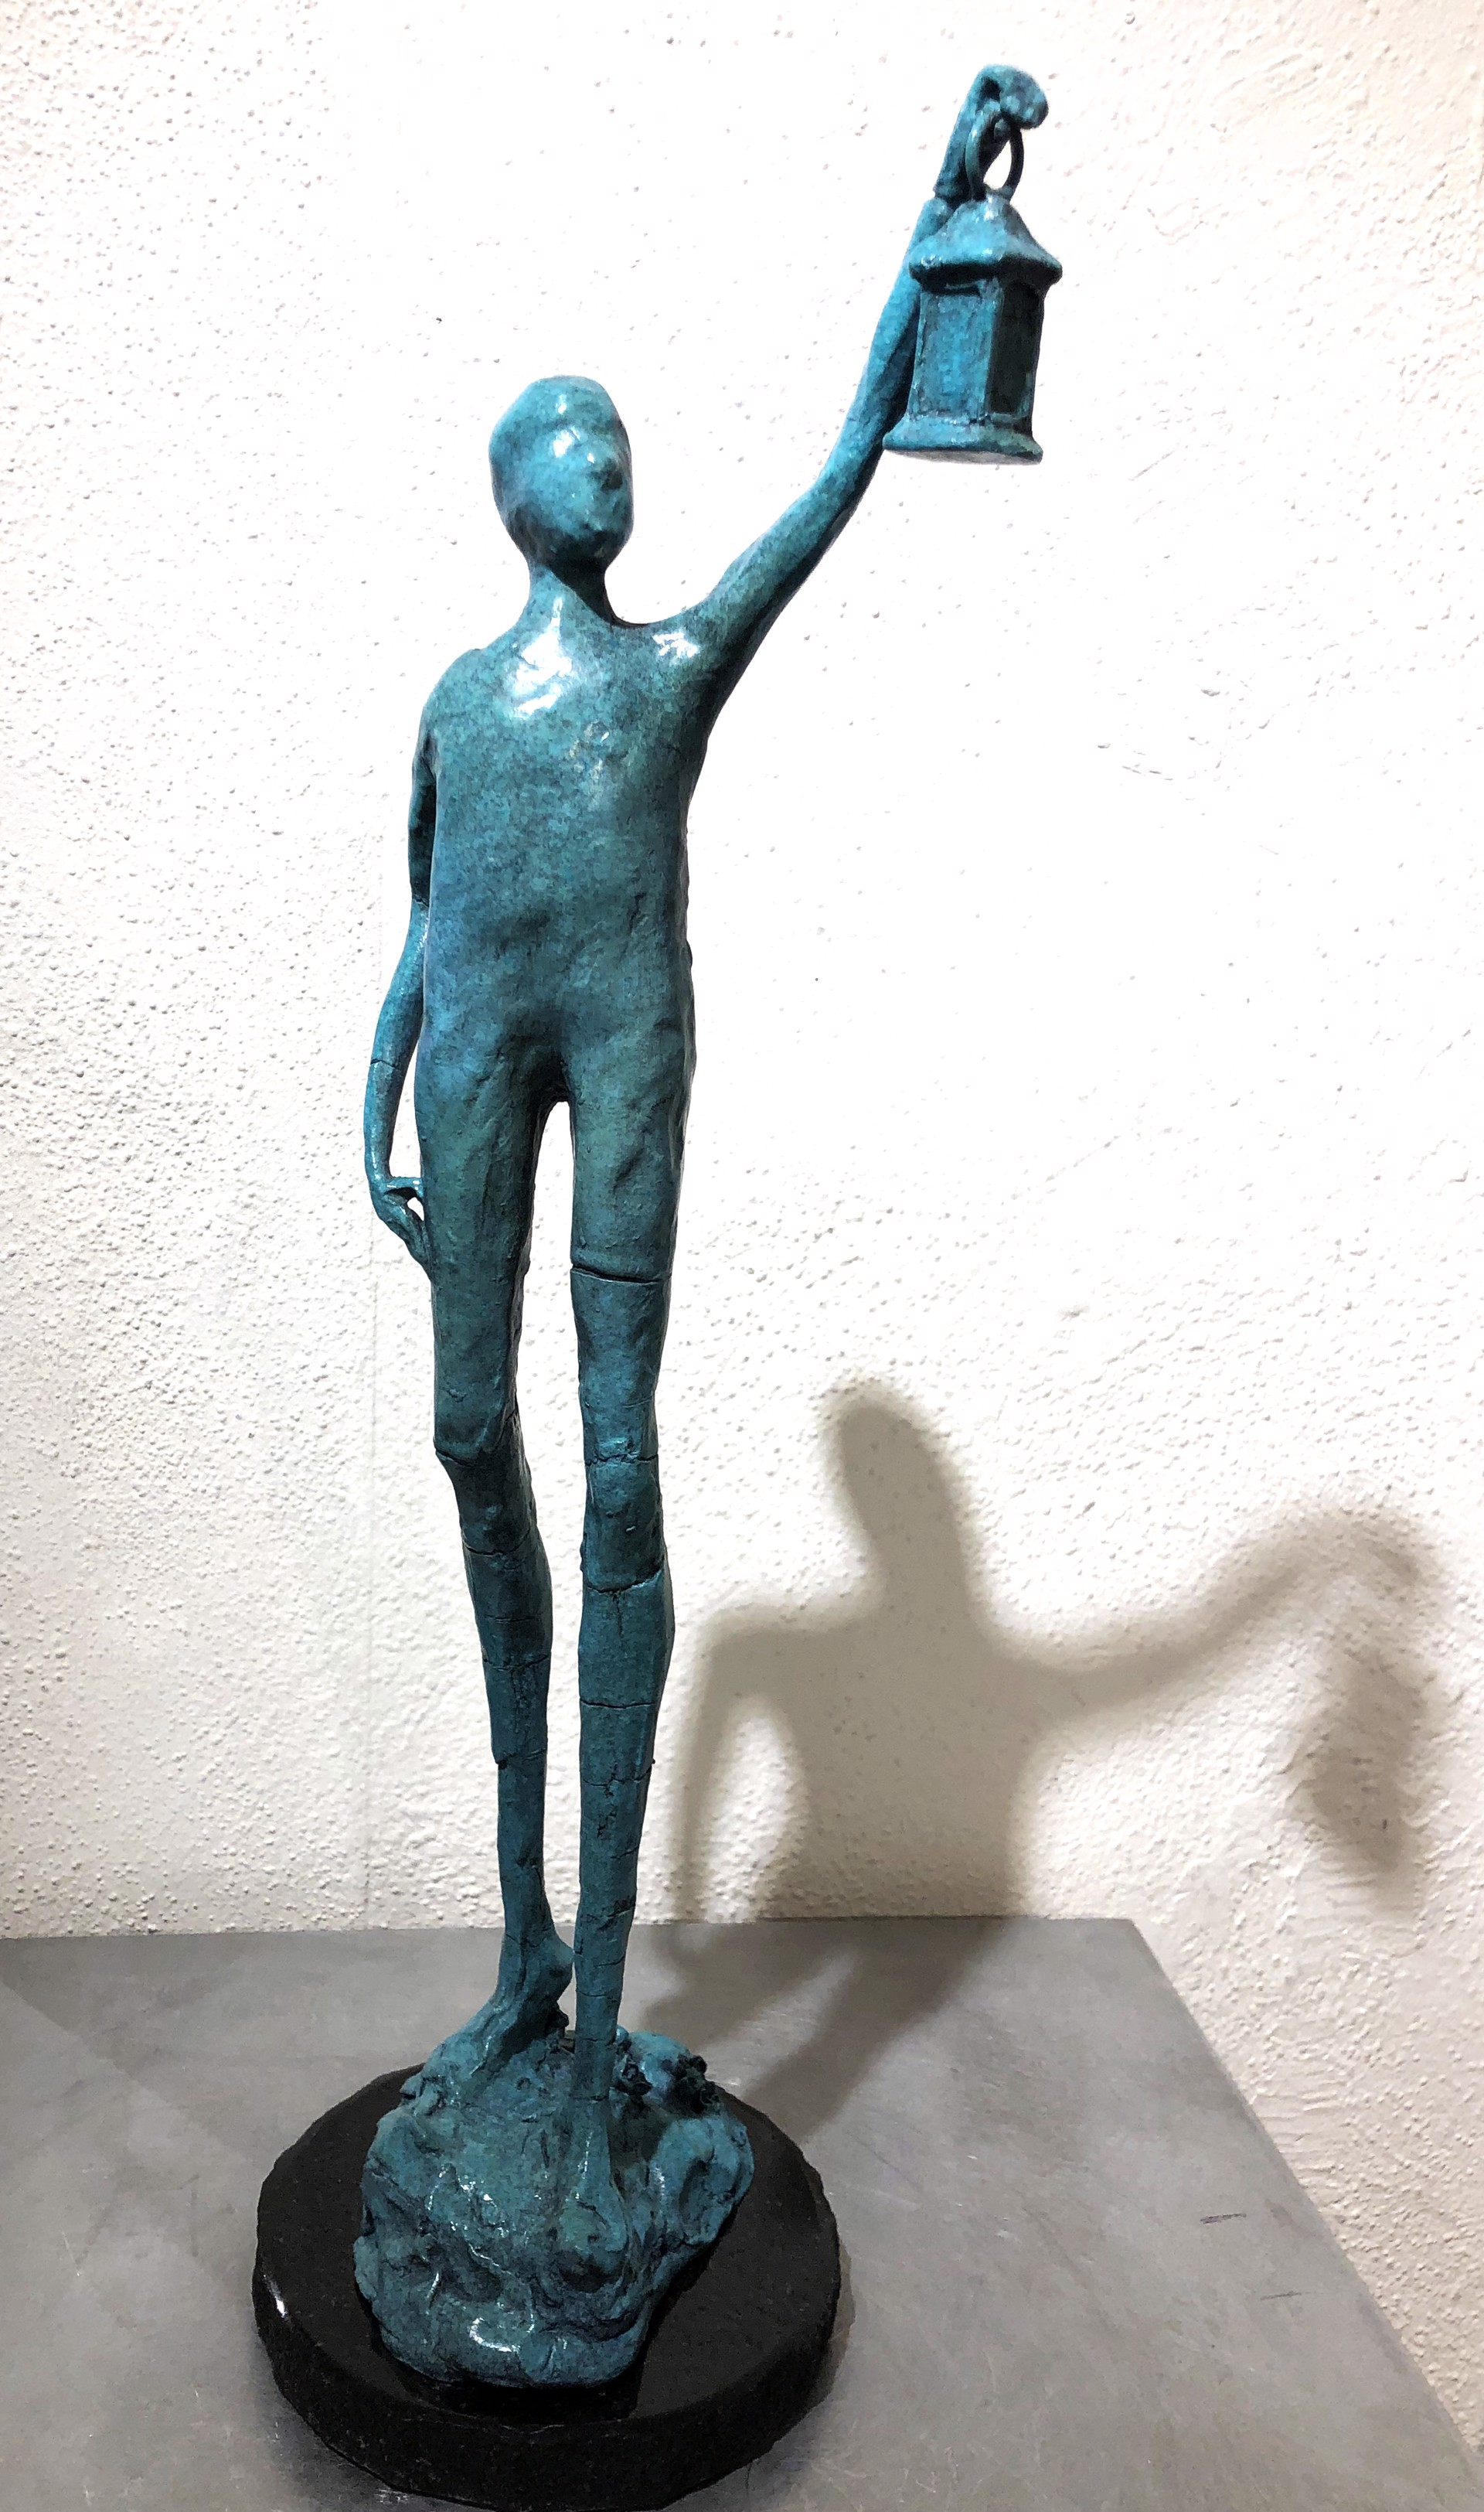 Luminaire by Lorri Acott